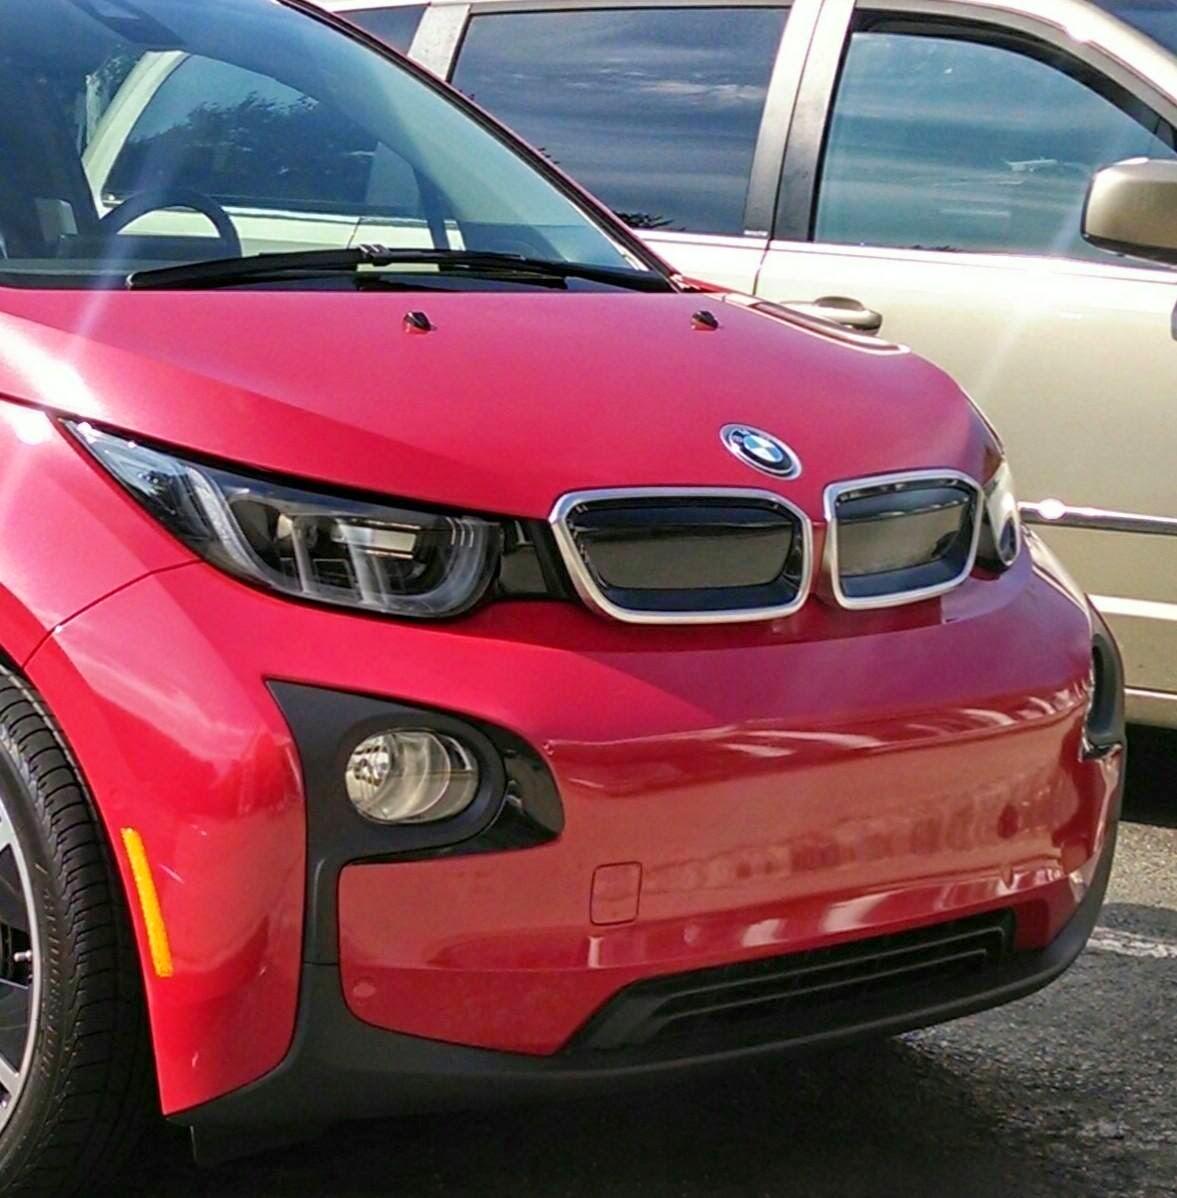 Bmw I3: The Electric BMW I3: That's Tom's BMW I3